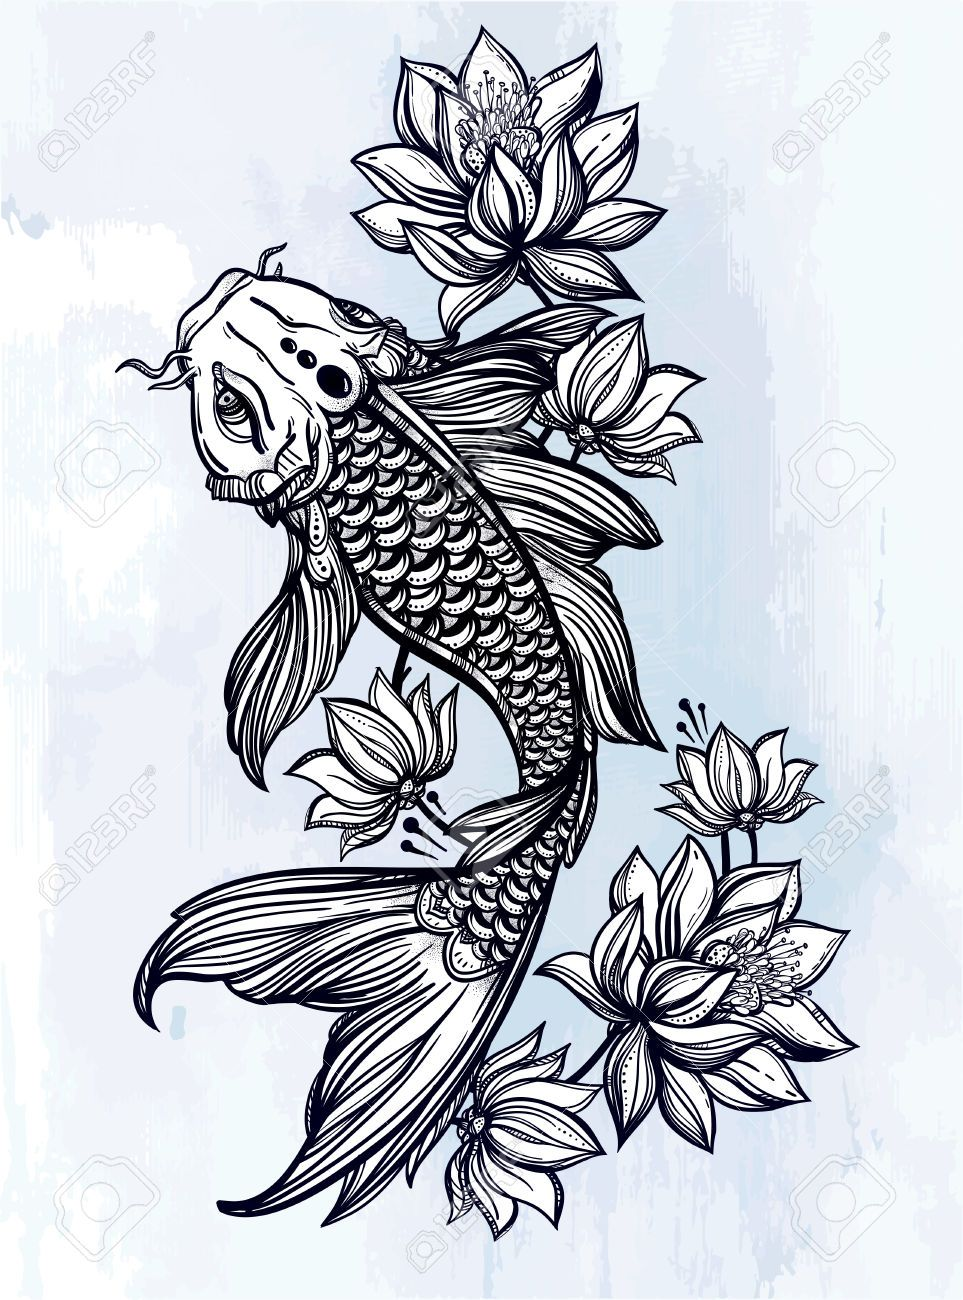 46673712 disegno a mano romantico bel pesce carpa koi con for Mano mano carpas